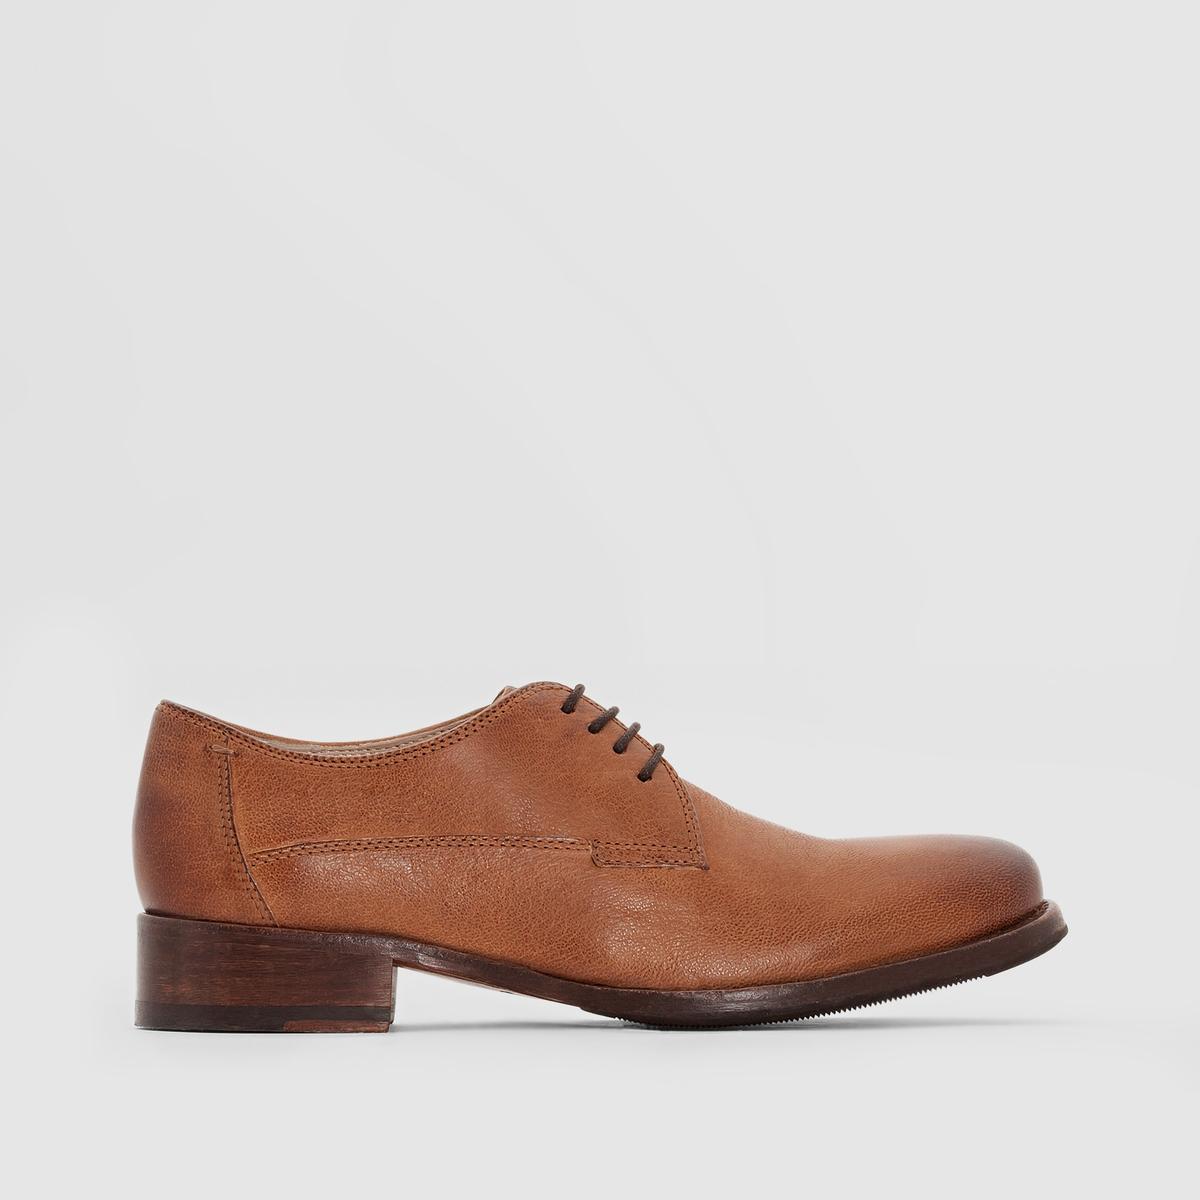 Ботинки-дерби CLARKS TOMINA LUCAПреимущества : ботинки-дерби CLARKS с технологией Cushion Plus для классического внешнего вида. Кожа с эффектом старения, элегантная форма.<br><br>Цвет: темно-бежевый<br>Размер: 39.38